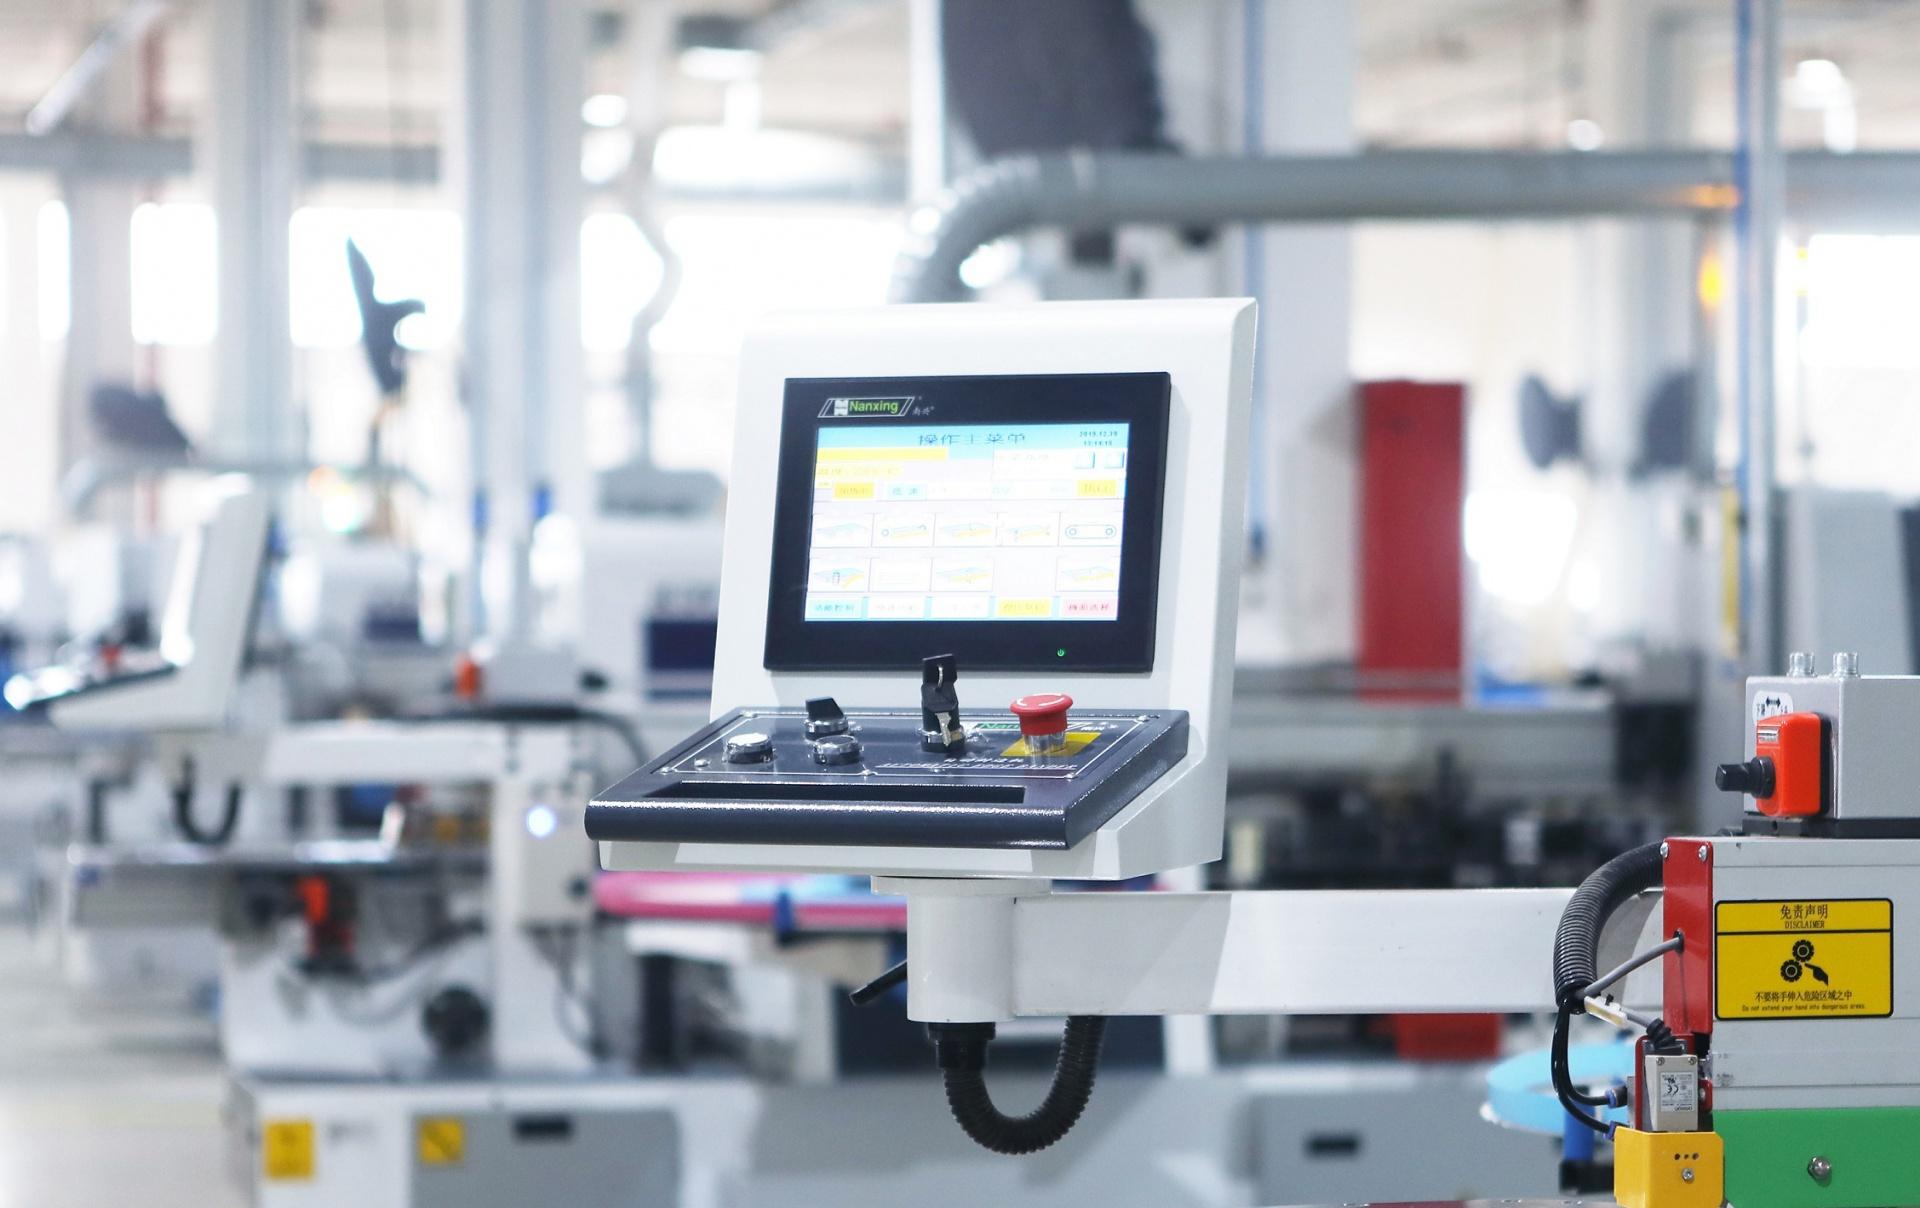 新年第一弹!护童入选省级高新技术企业研究开发中心名单